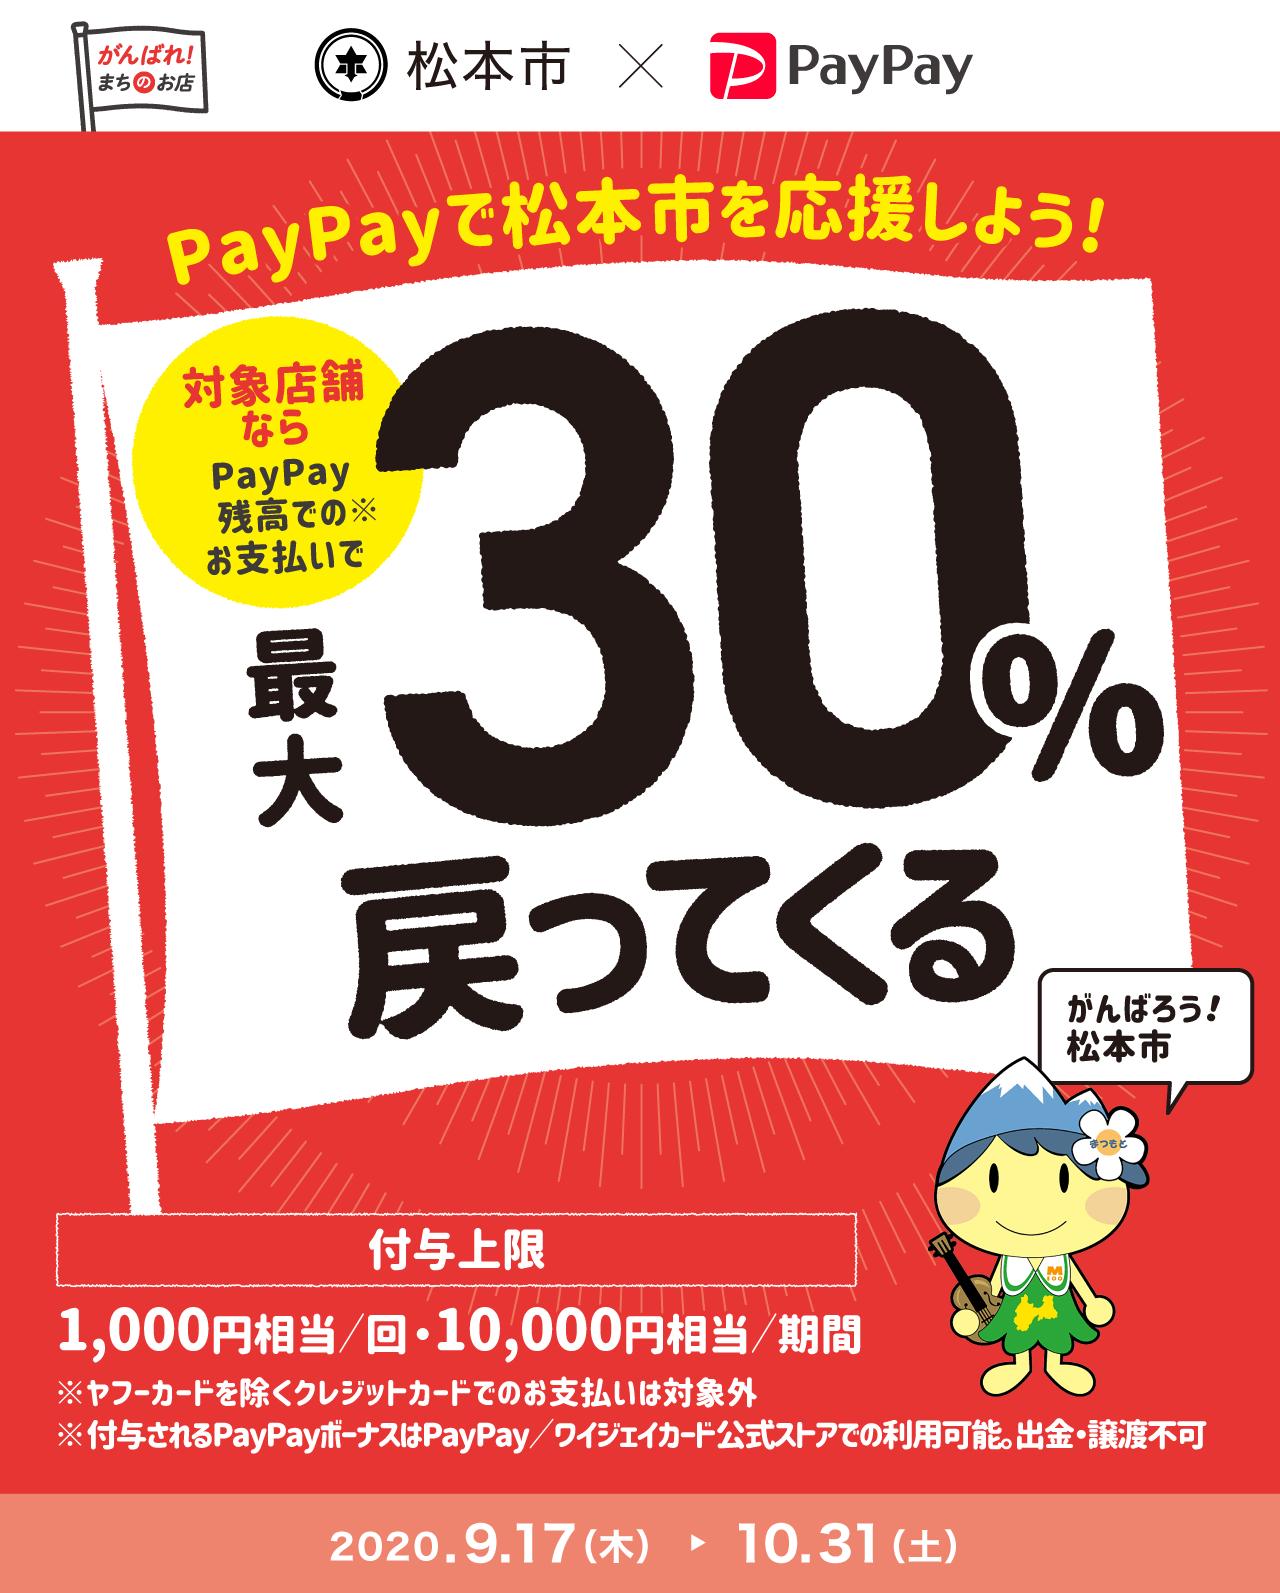 PayPayで松本市を応援しよう!対象店舗ならPayPay残高でのお支払いで最大30%戻ってくる